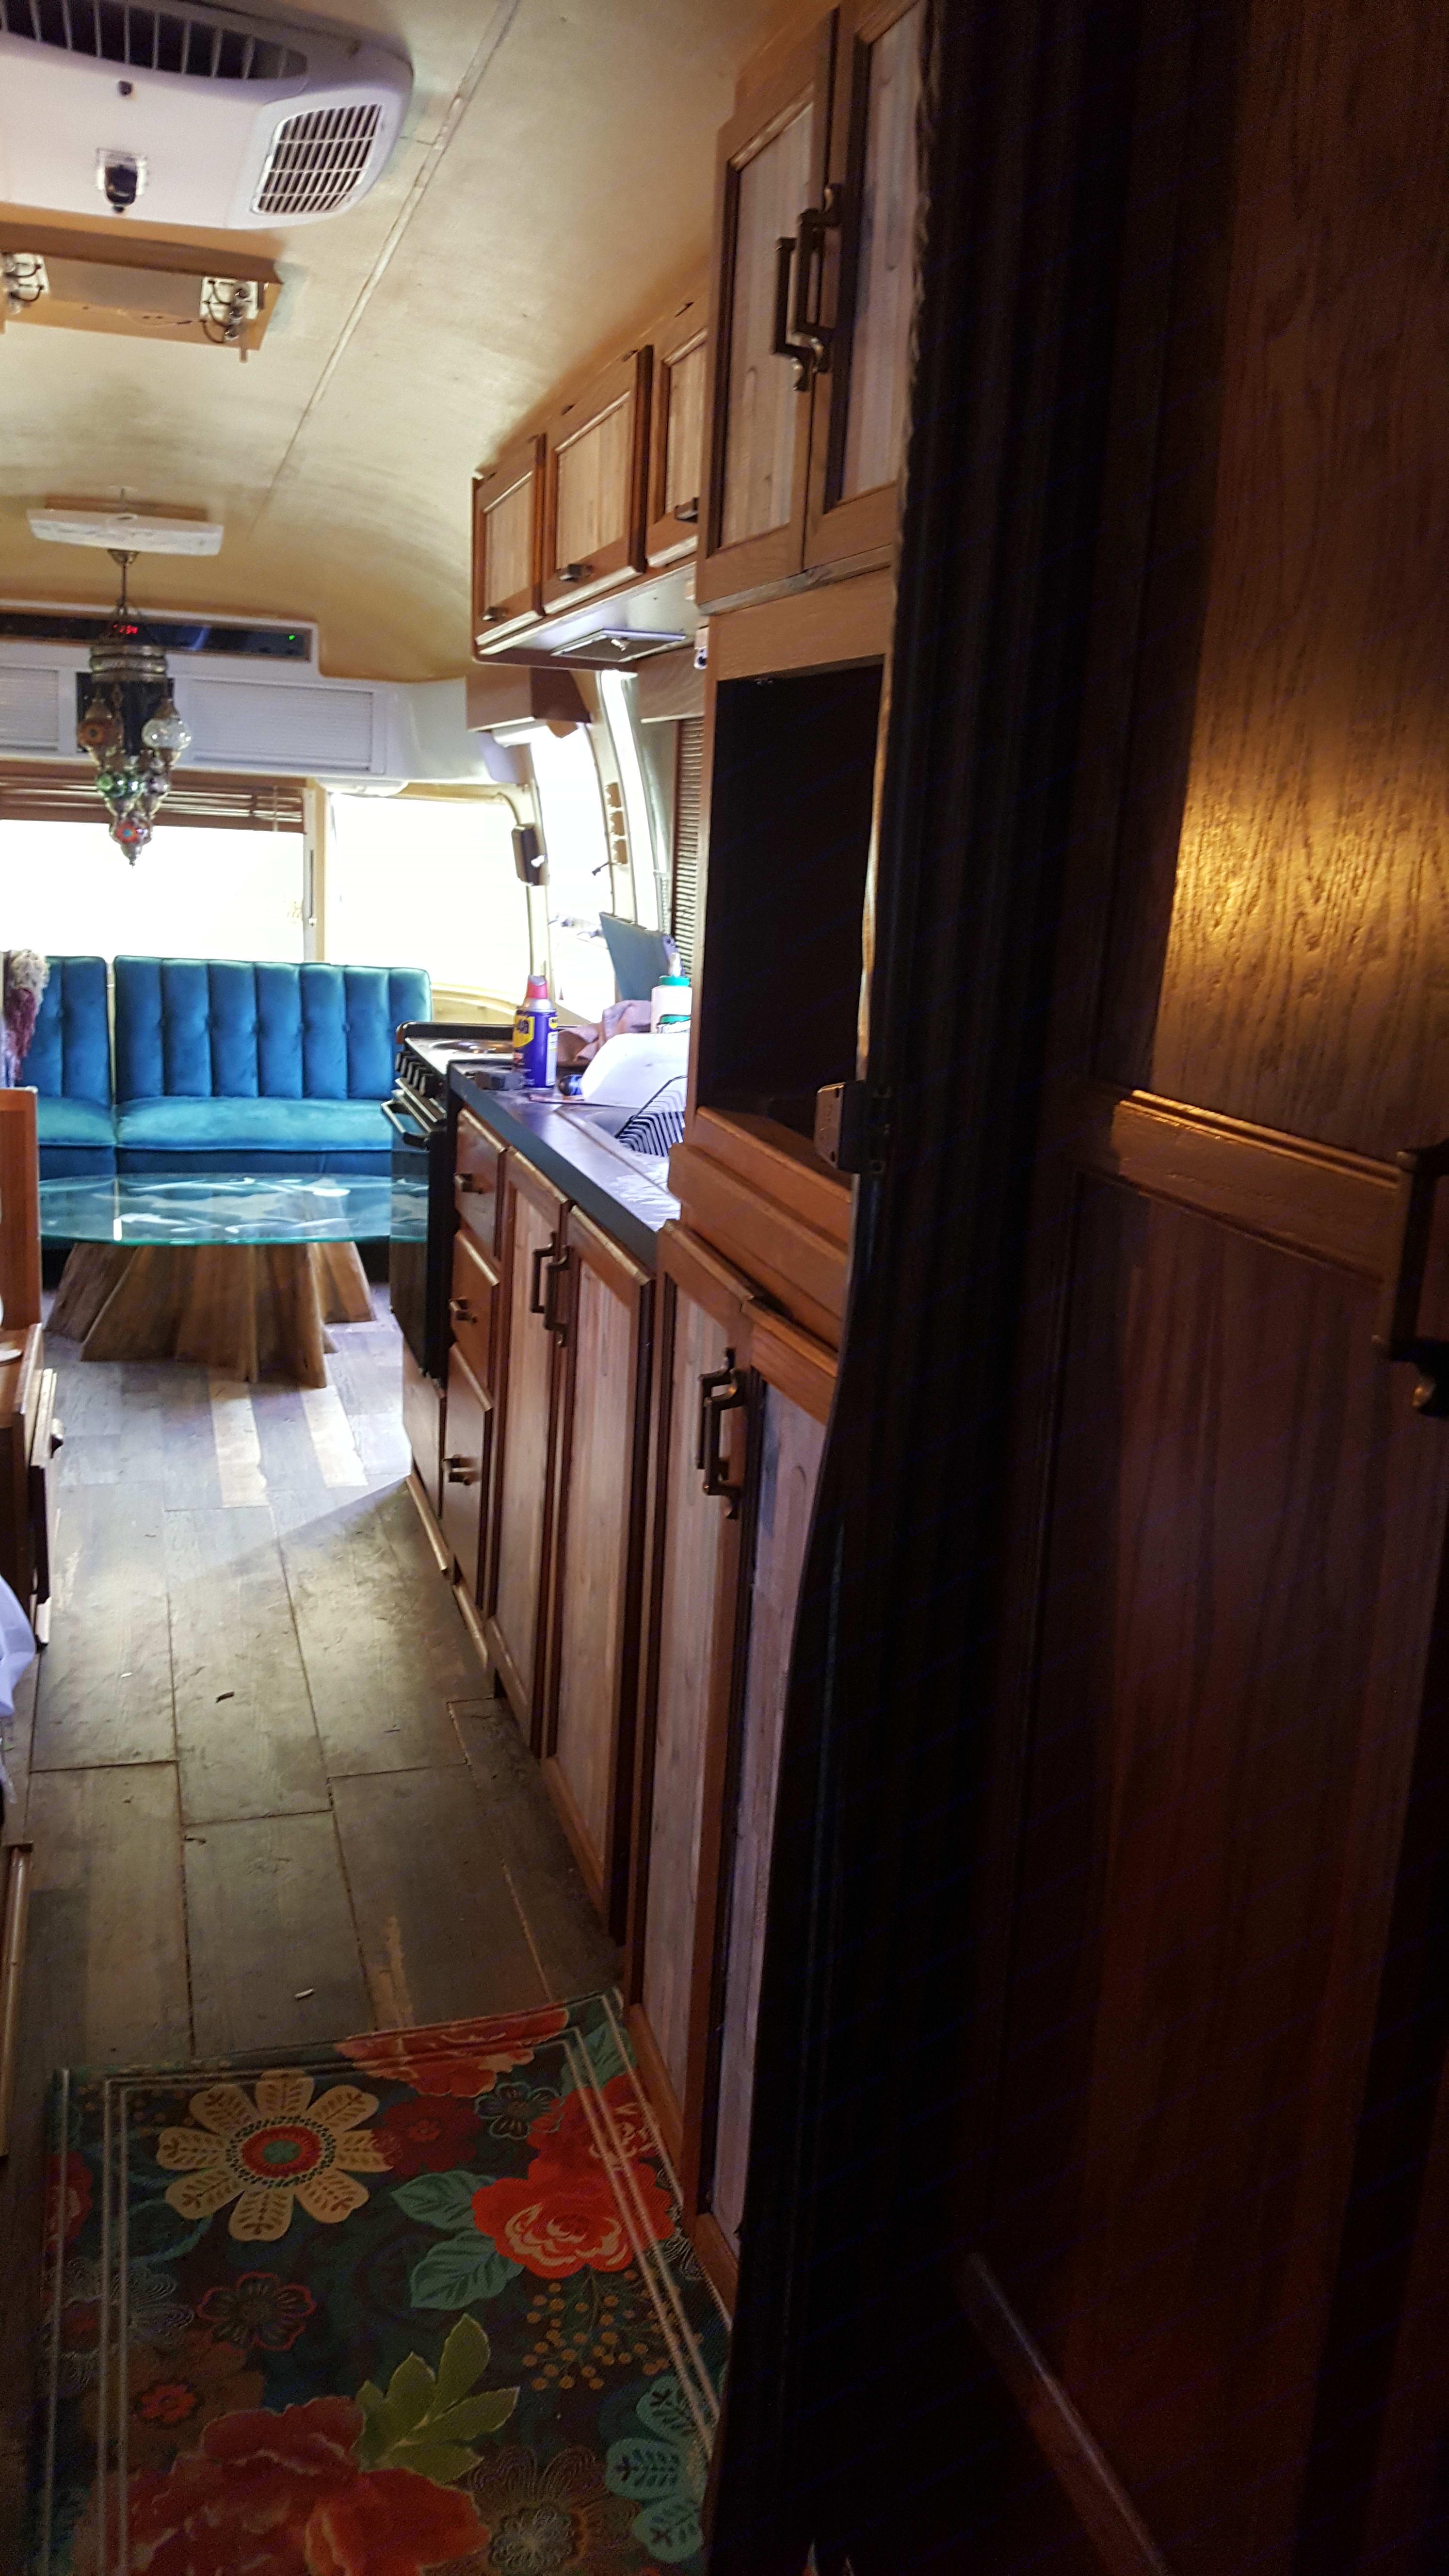 Airstream Excella 1987